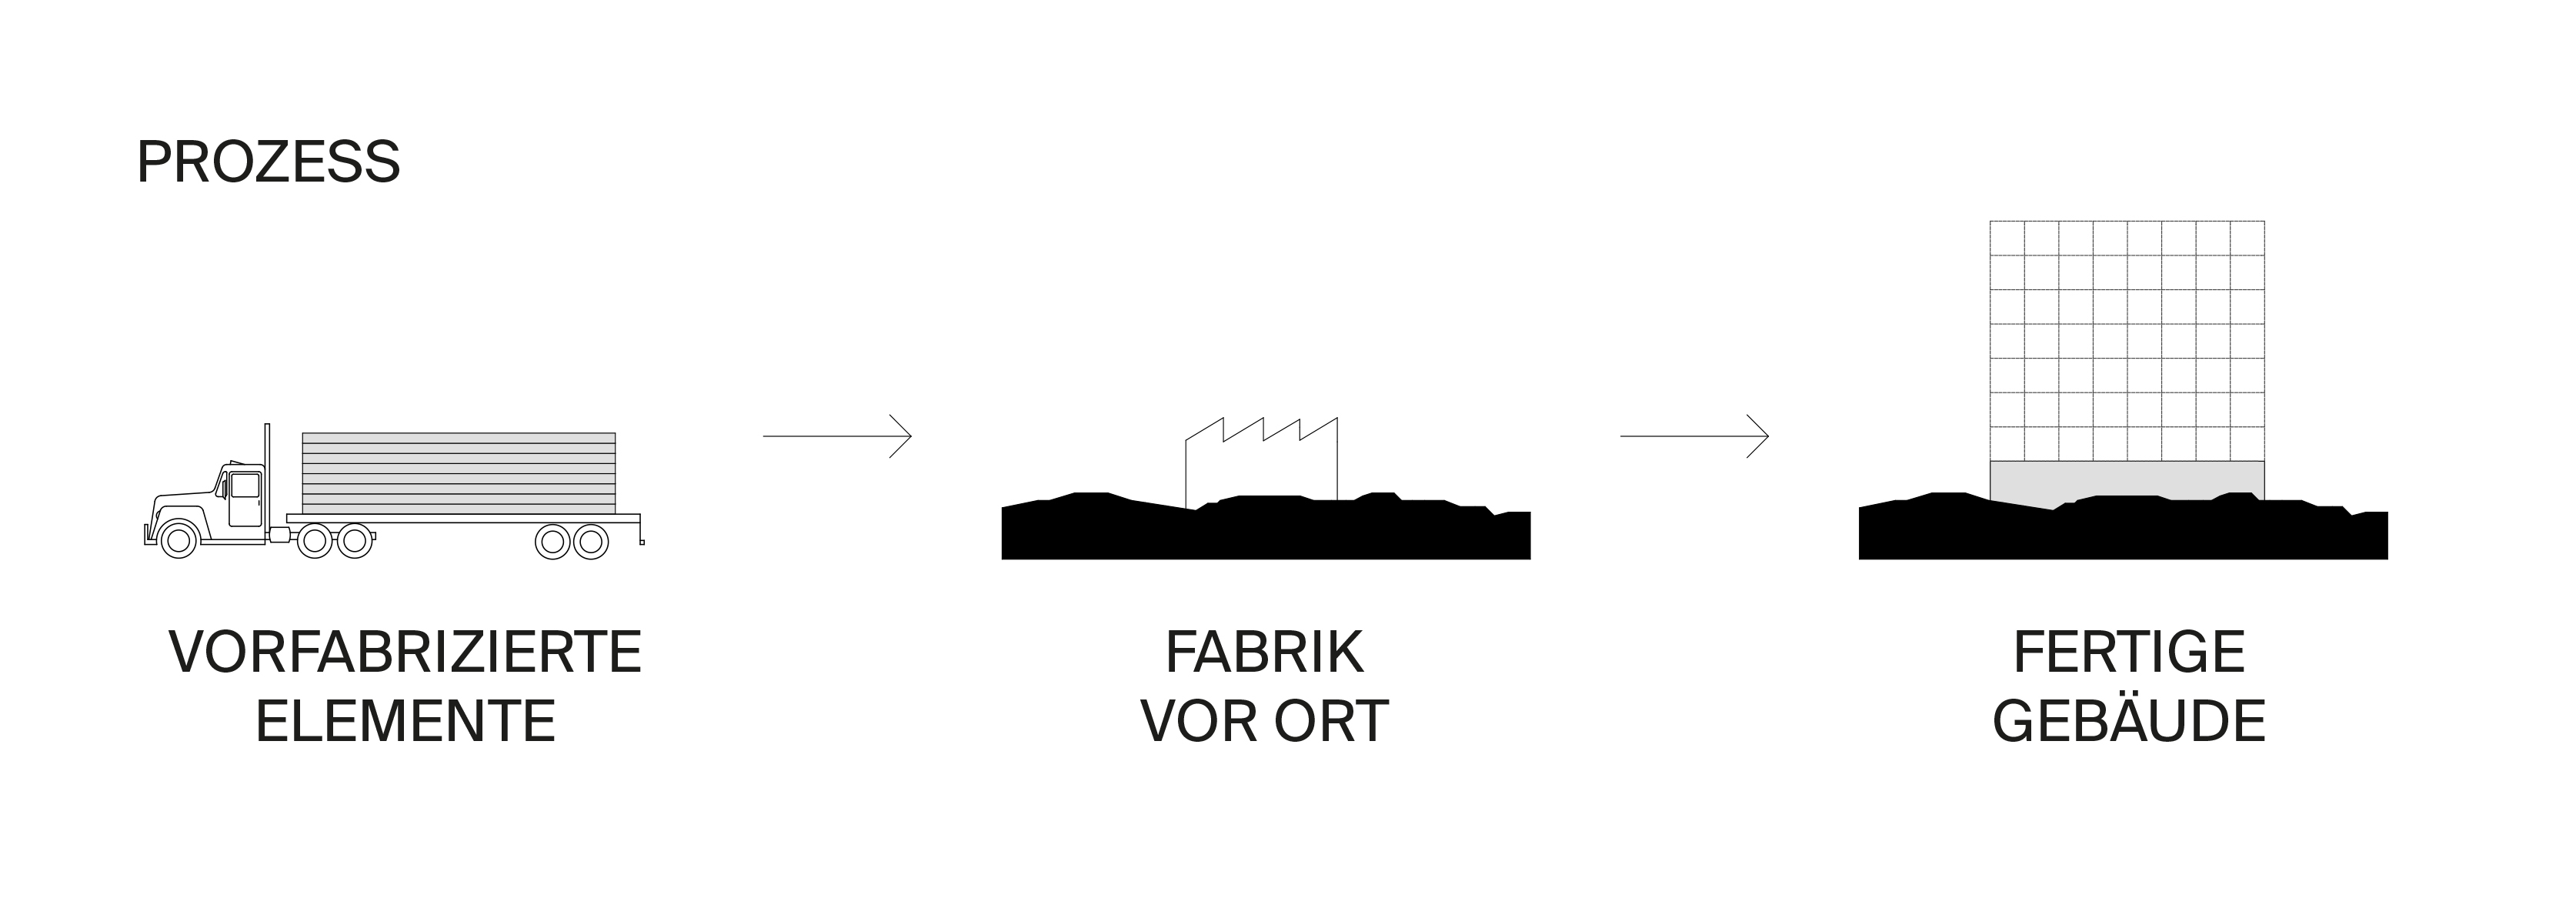 Graphik zum Fertigungsprozess vor Ort